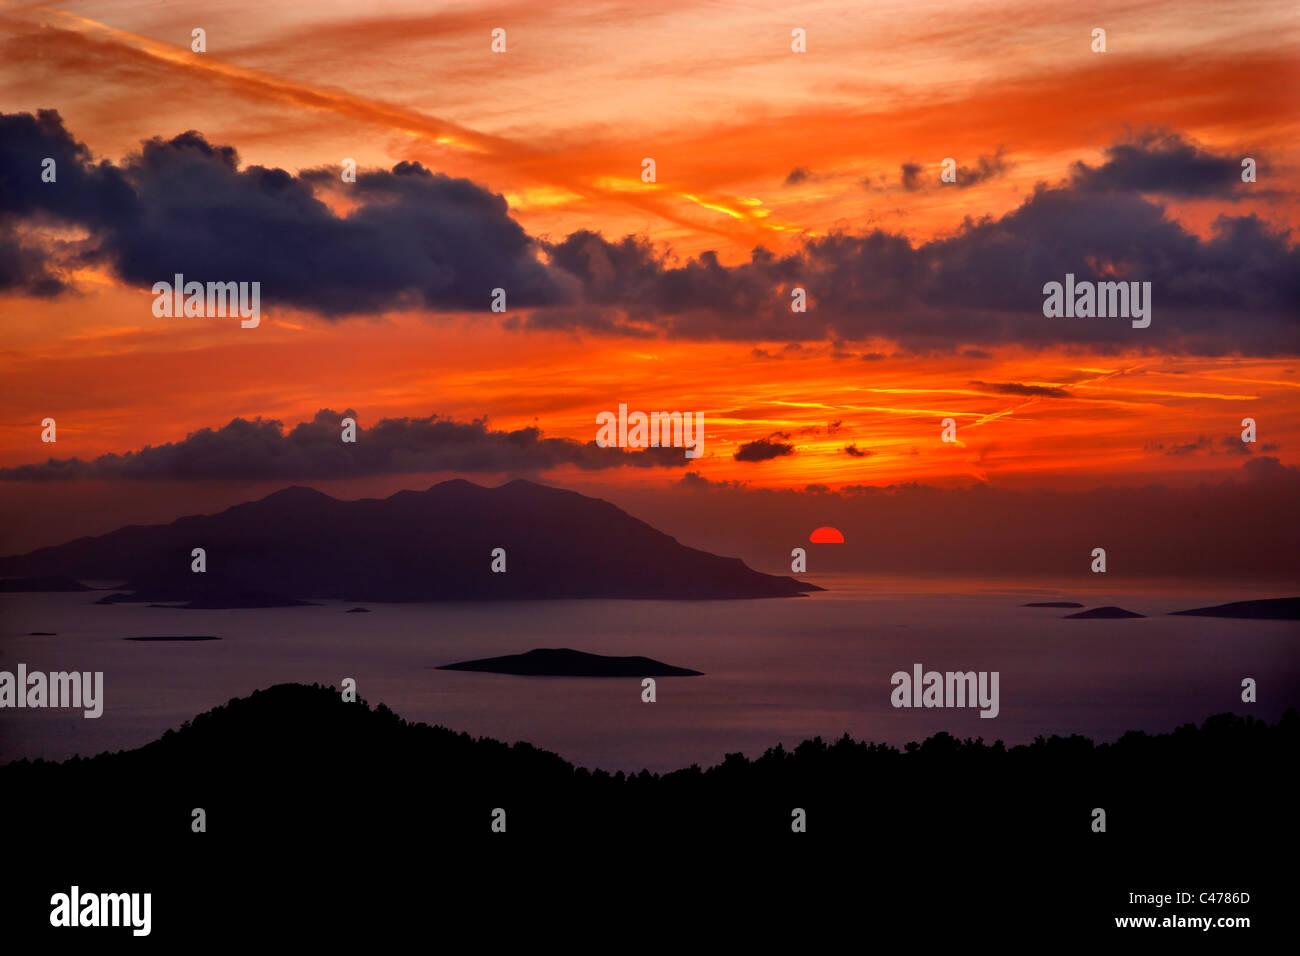 Tramonto foto da sudovest Rhodes, vicino al villaggio di Kritinia. La grande isola in background è di Chalki. Dodecanneso, Foto Stock